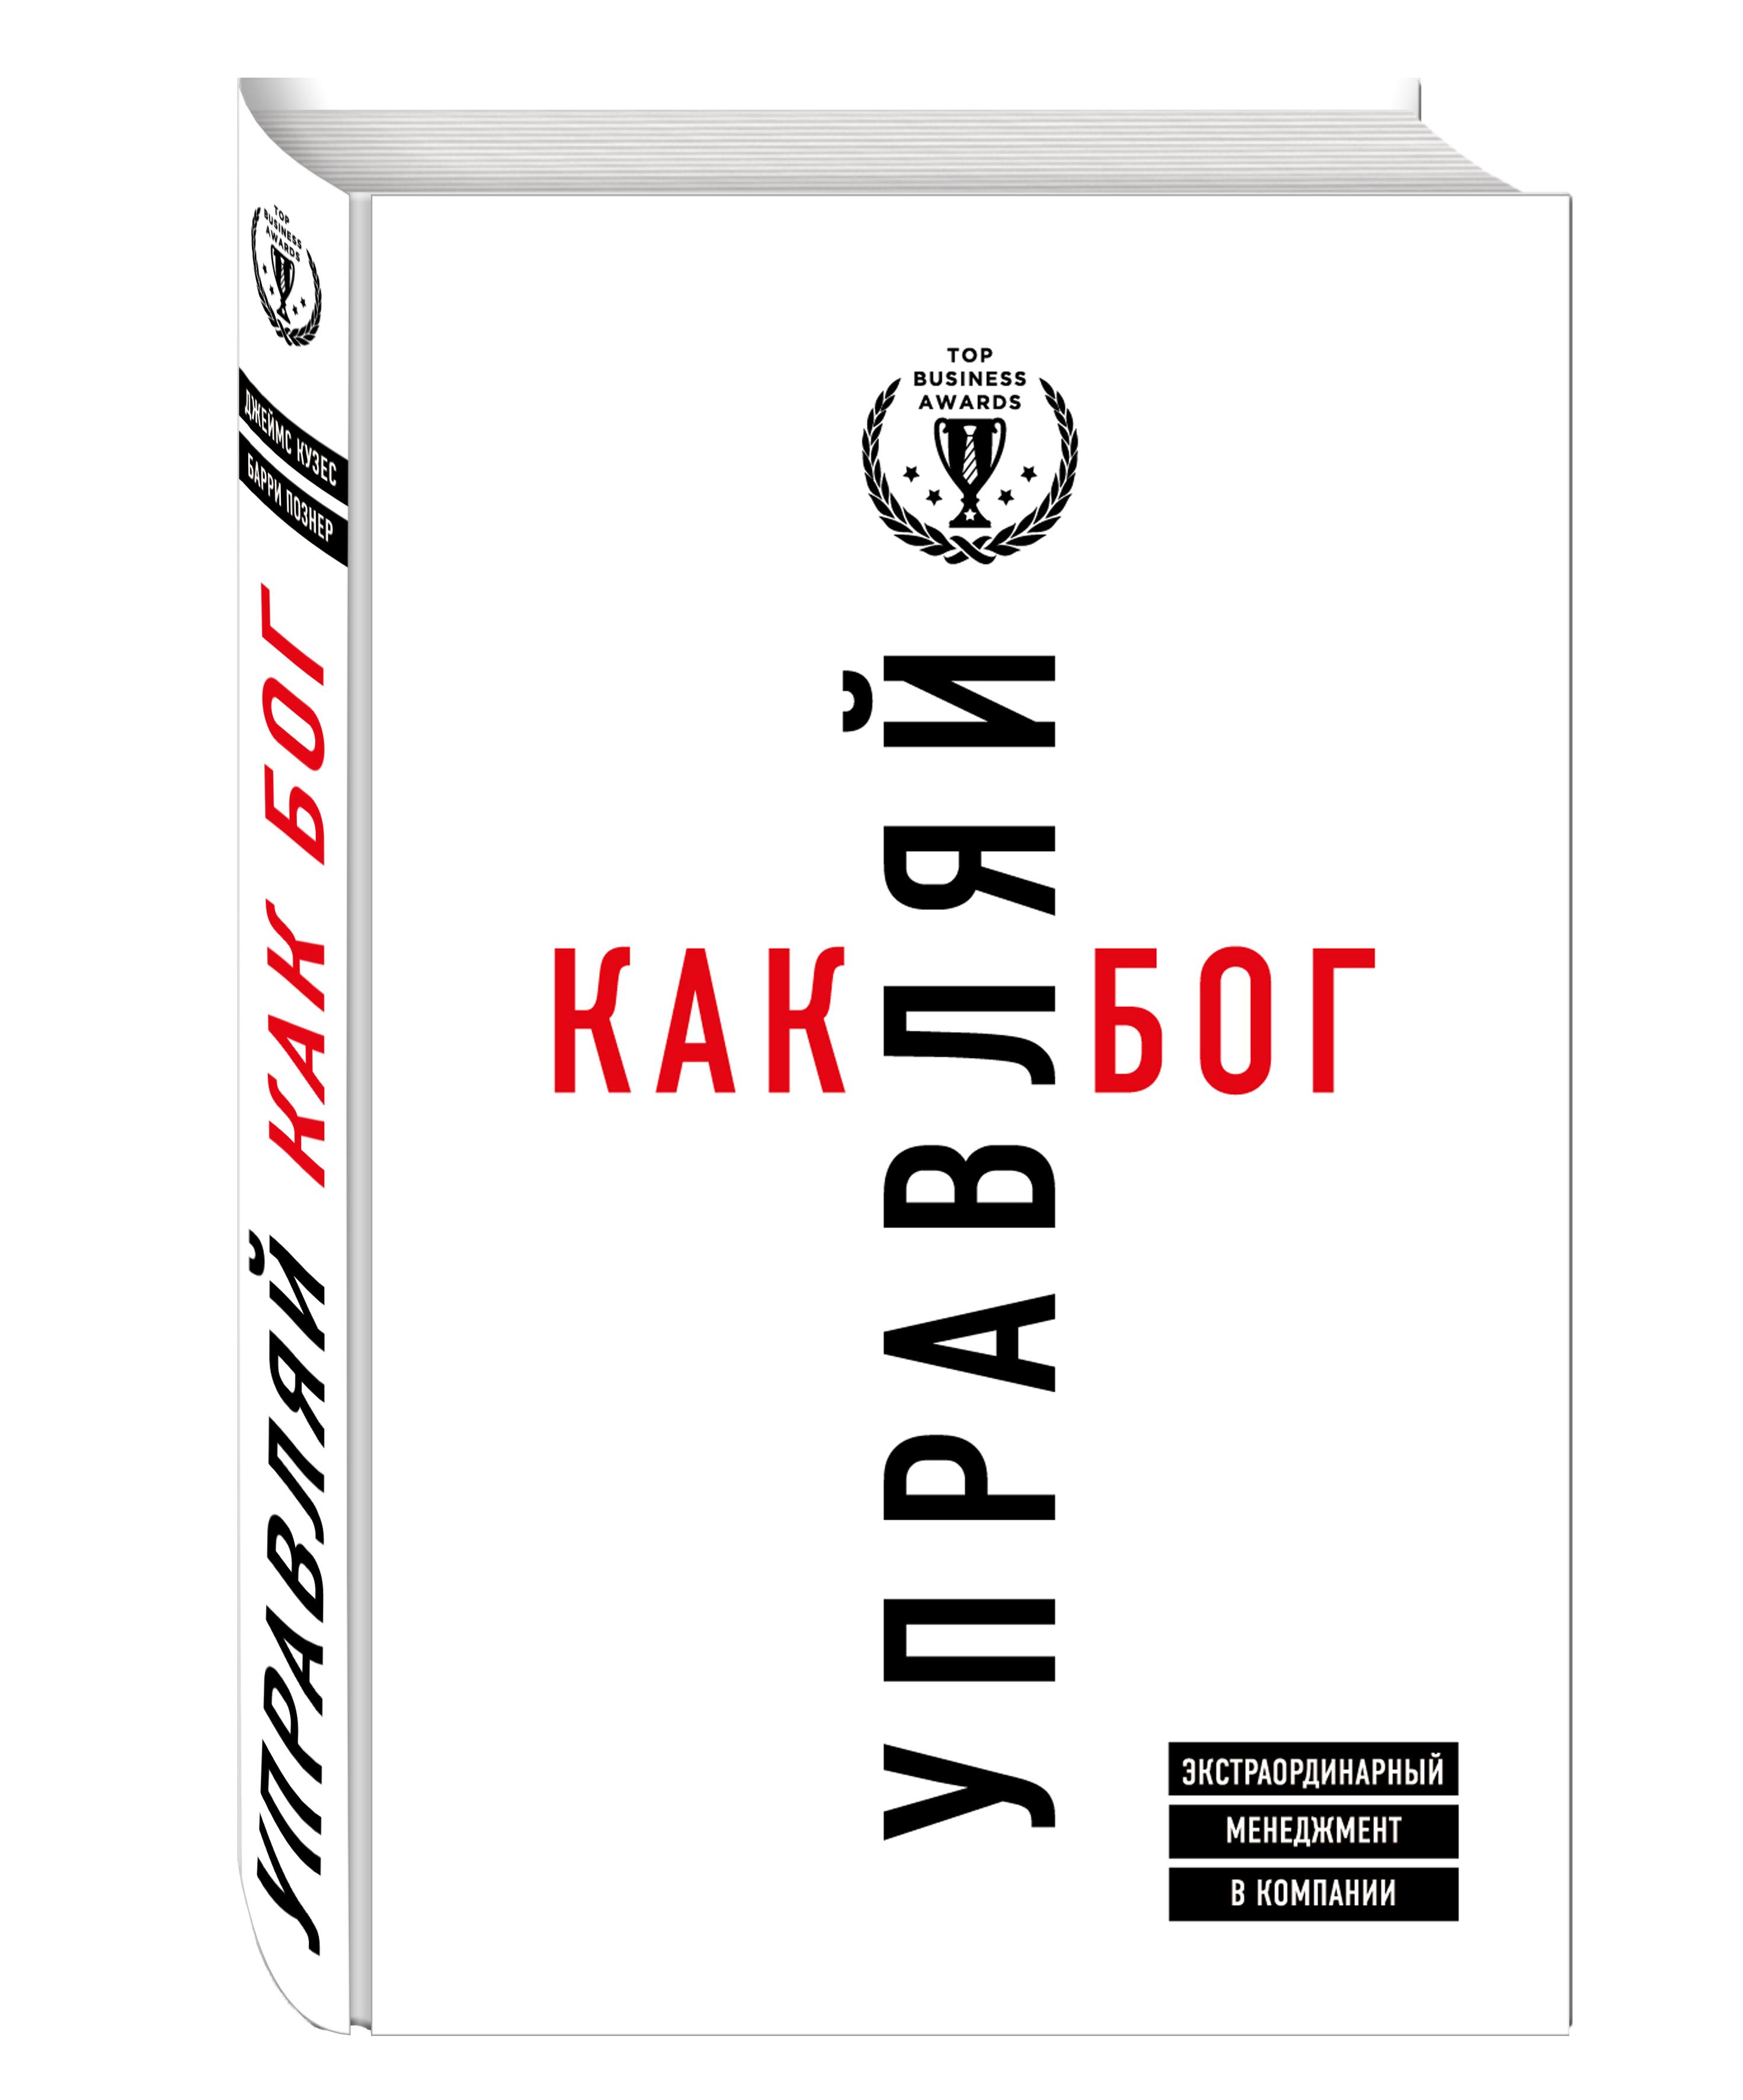 Управляй как бог. Экстраординарный менеджмент в компании от book24.ru